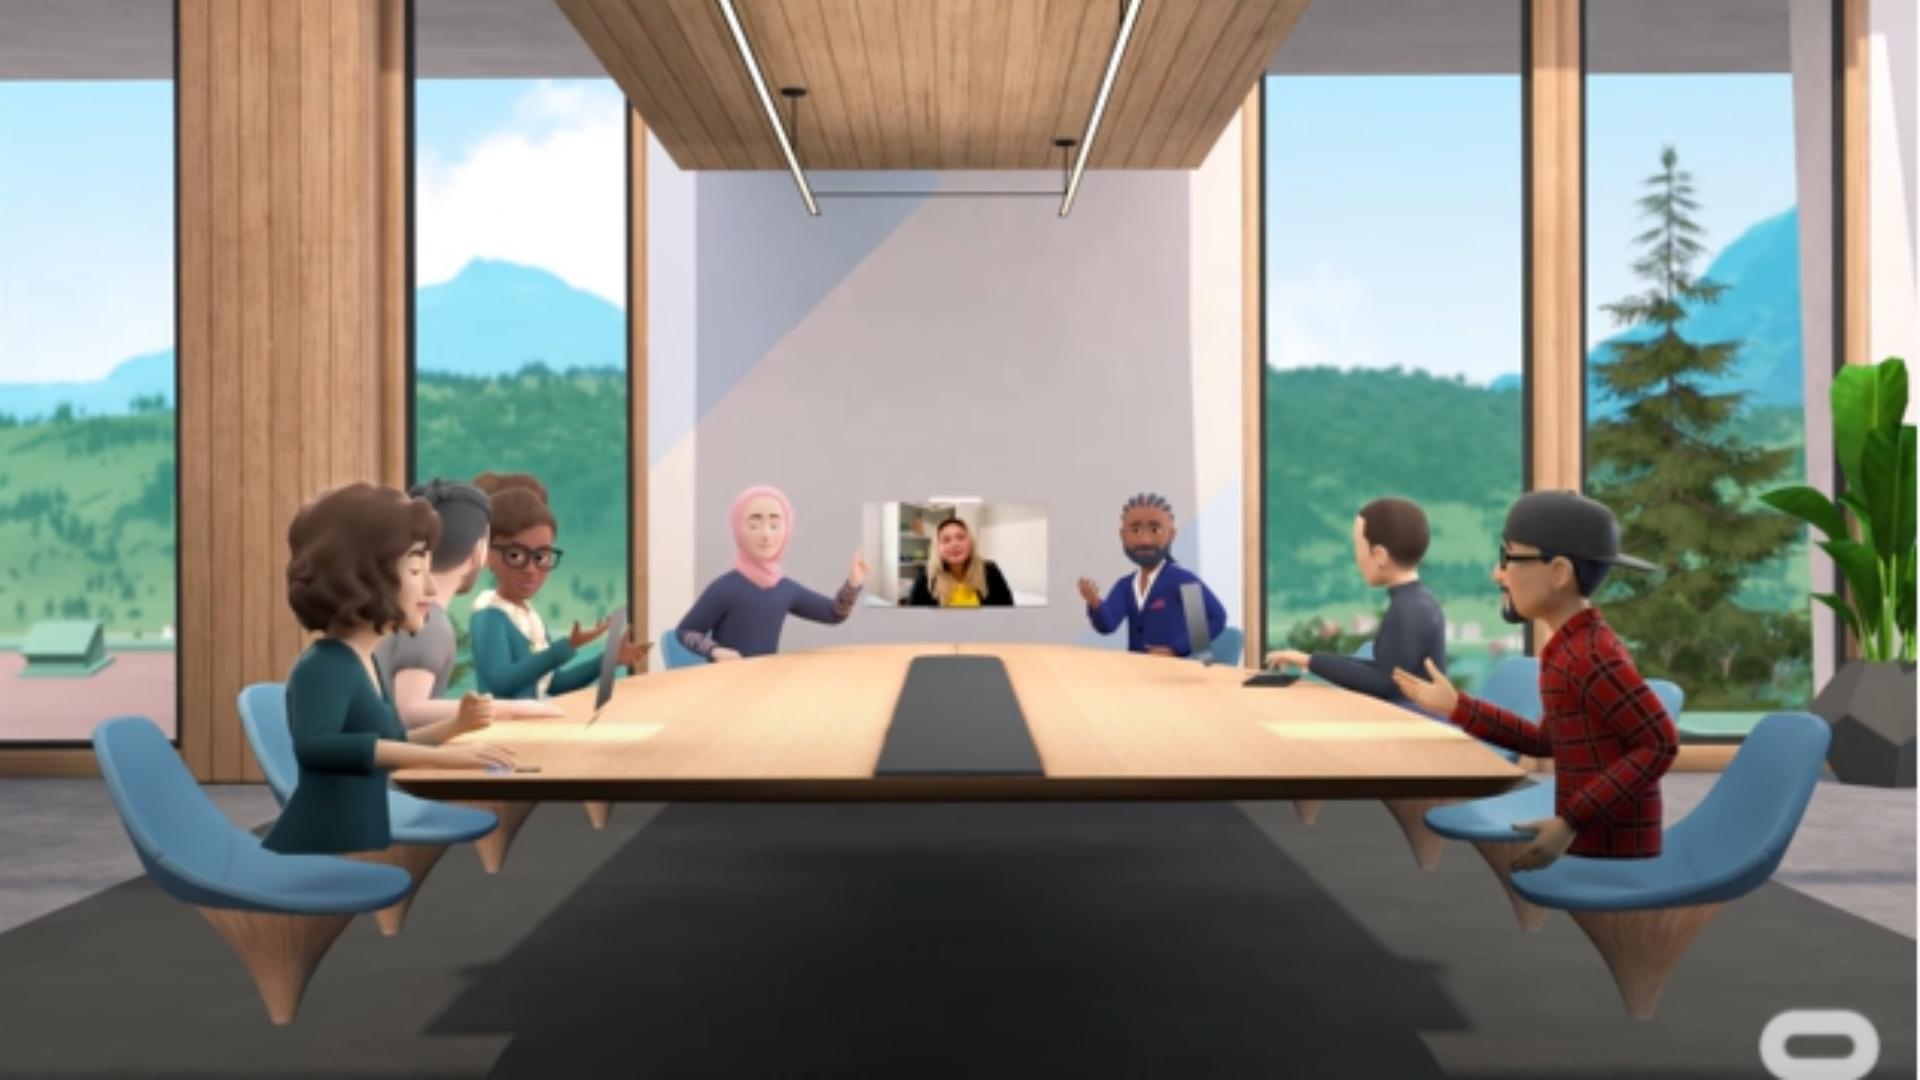 Las mesas de reuniones m